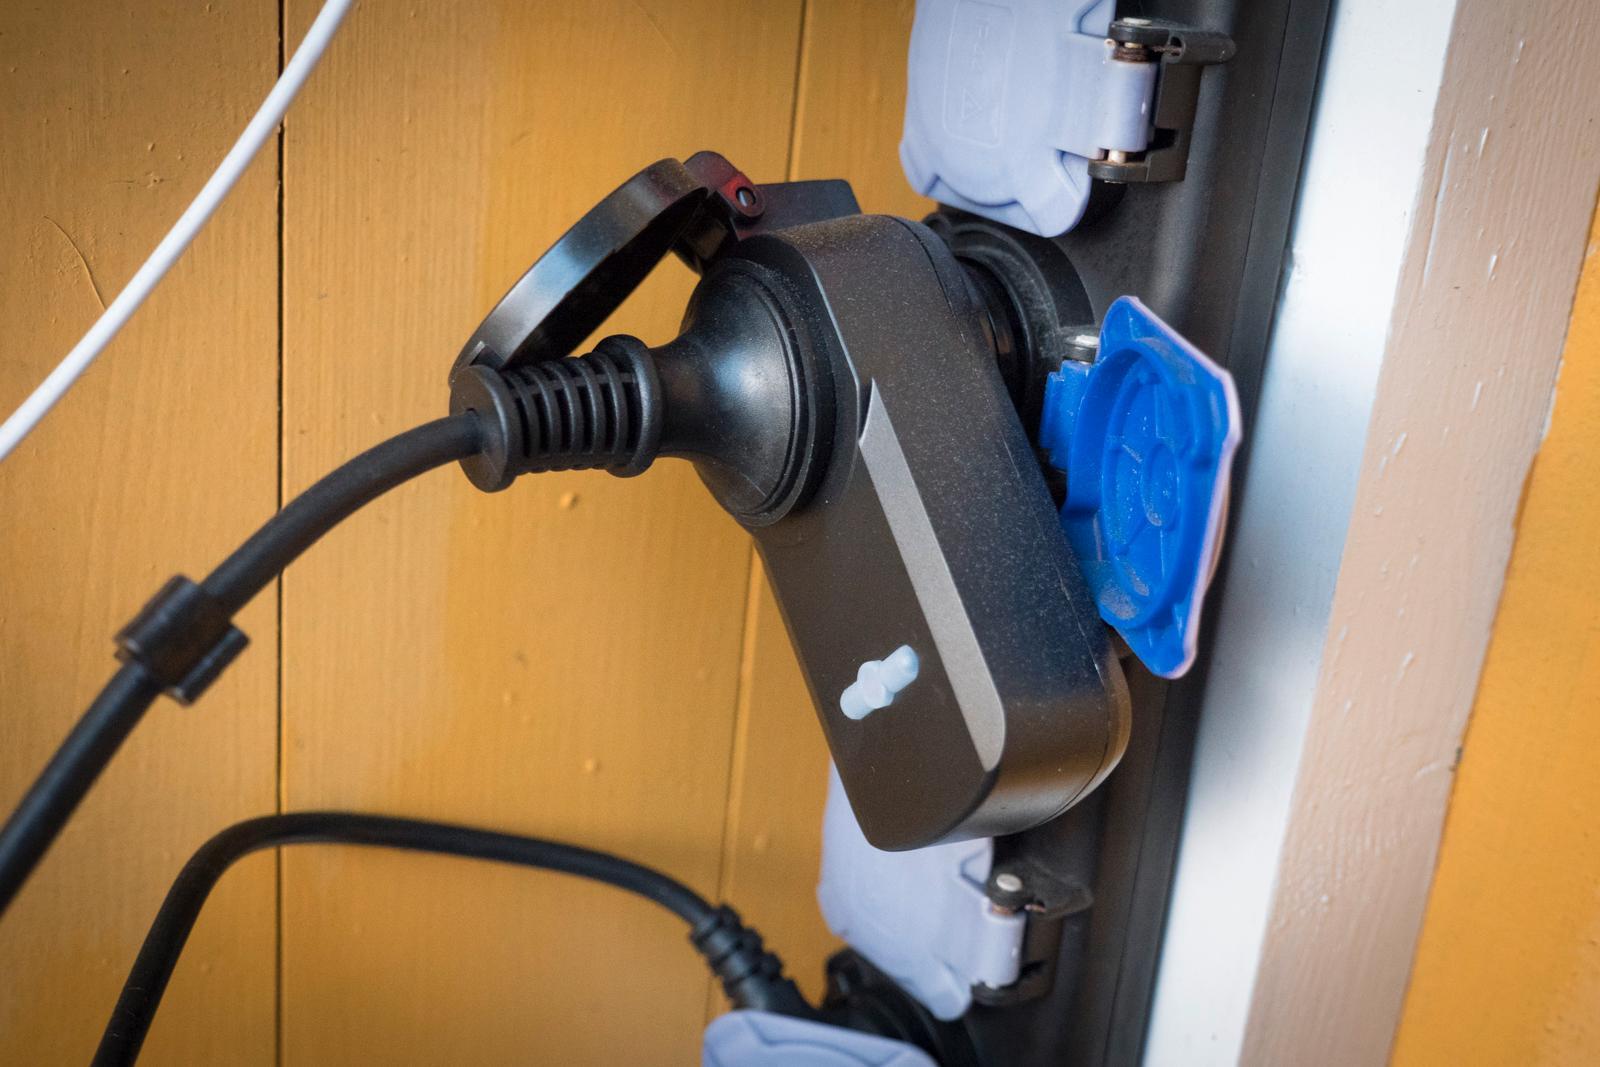 Denne utendørspluggen er koblet til motorvarmeren og kan fjernstyres fra mobilen. Via IFTTT kan jeg også koble den til Google-kalenderen min, slik at den kan starte 15 minutter før bestemte aktiviteter. Men jeg må gjøre det. Den lærer seg ikke på noe vis når jeg er ute med bilen og tar egne valg. Nyttig, avansert, men ikke direkte smart.